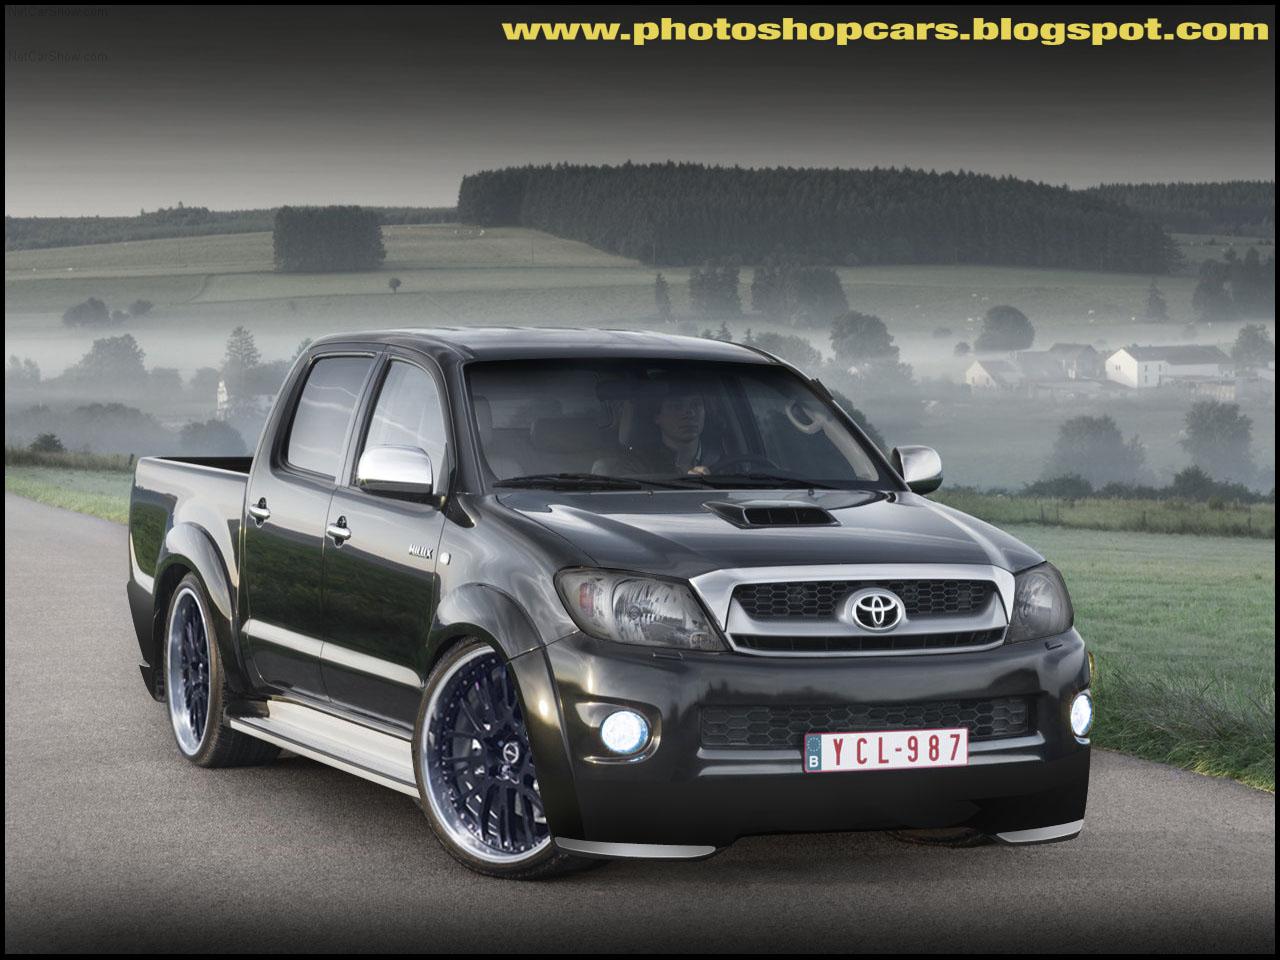 http://2.bp.blogspot.com/_oPG4_yfGpVk/TBeipBzw-vI/AAAAAAAAAAc/OPqLRAFp9zI/s1600/Toyota-Hilux_2009_rebaixado%20tuning.JPG